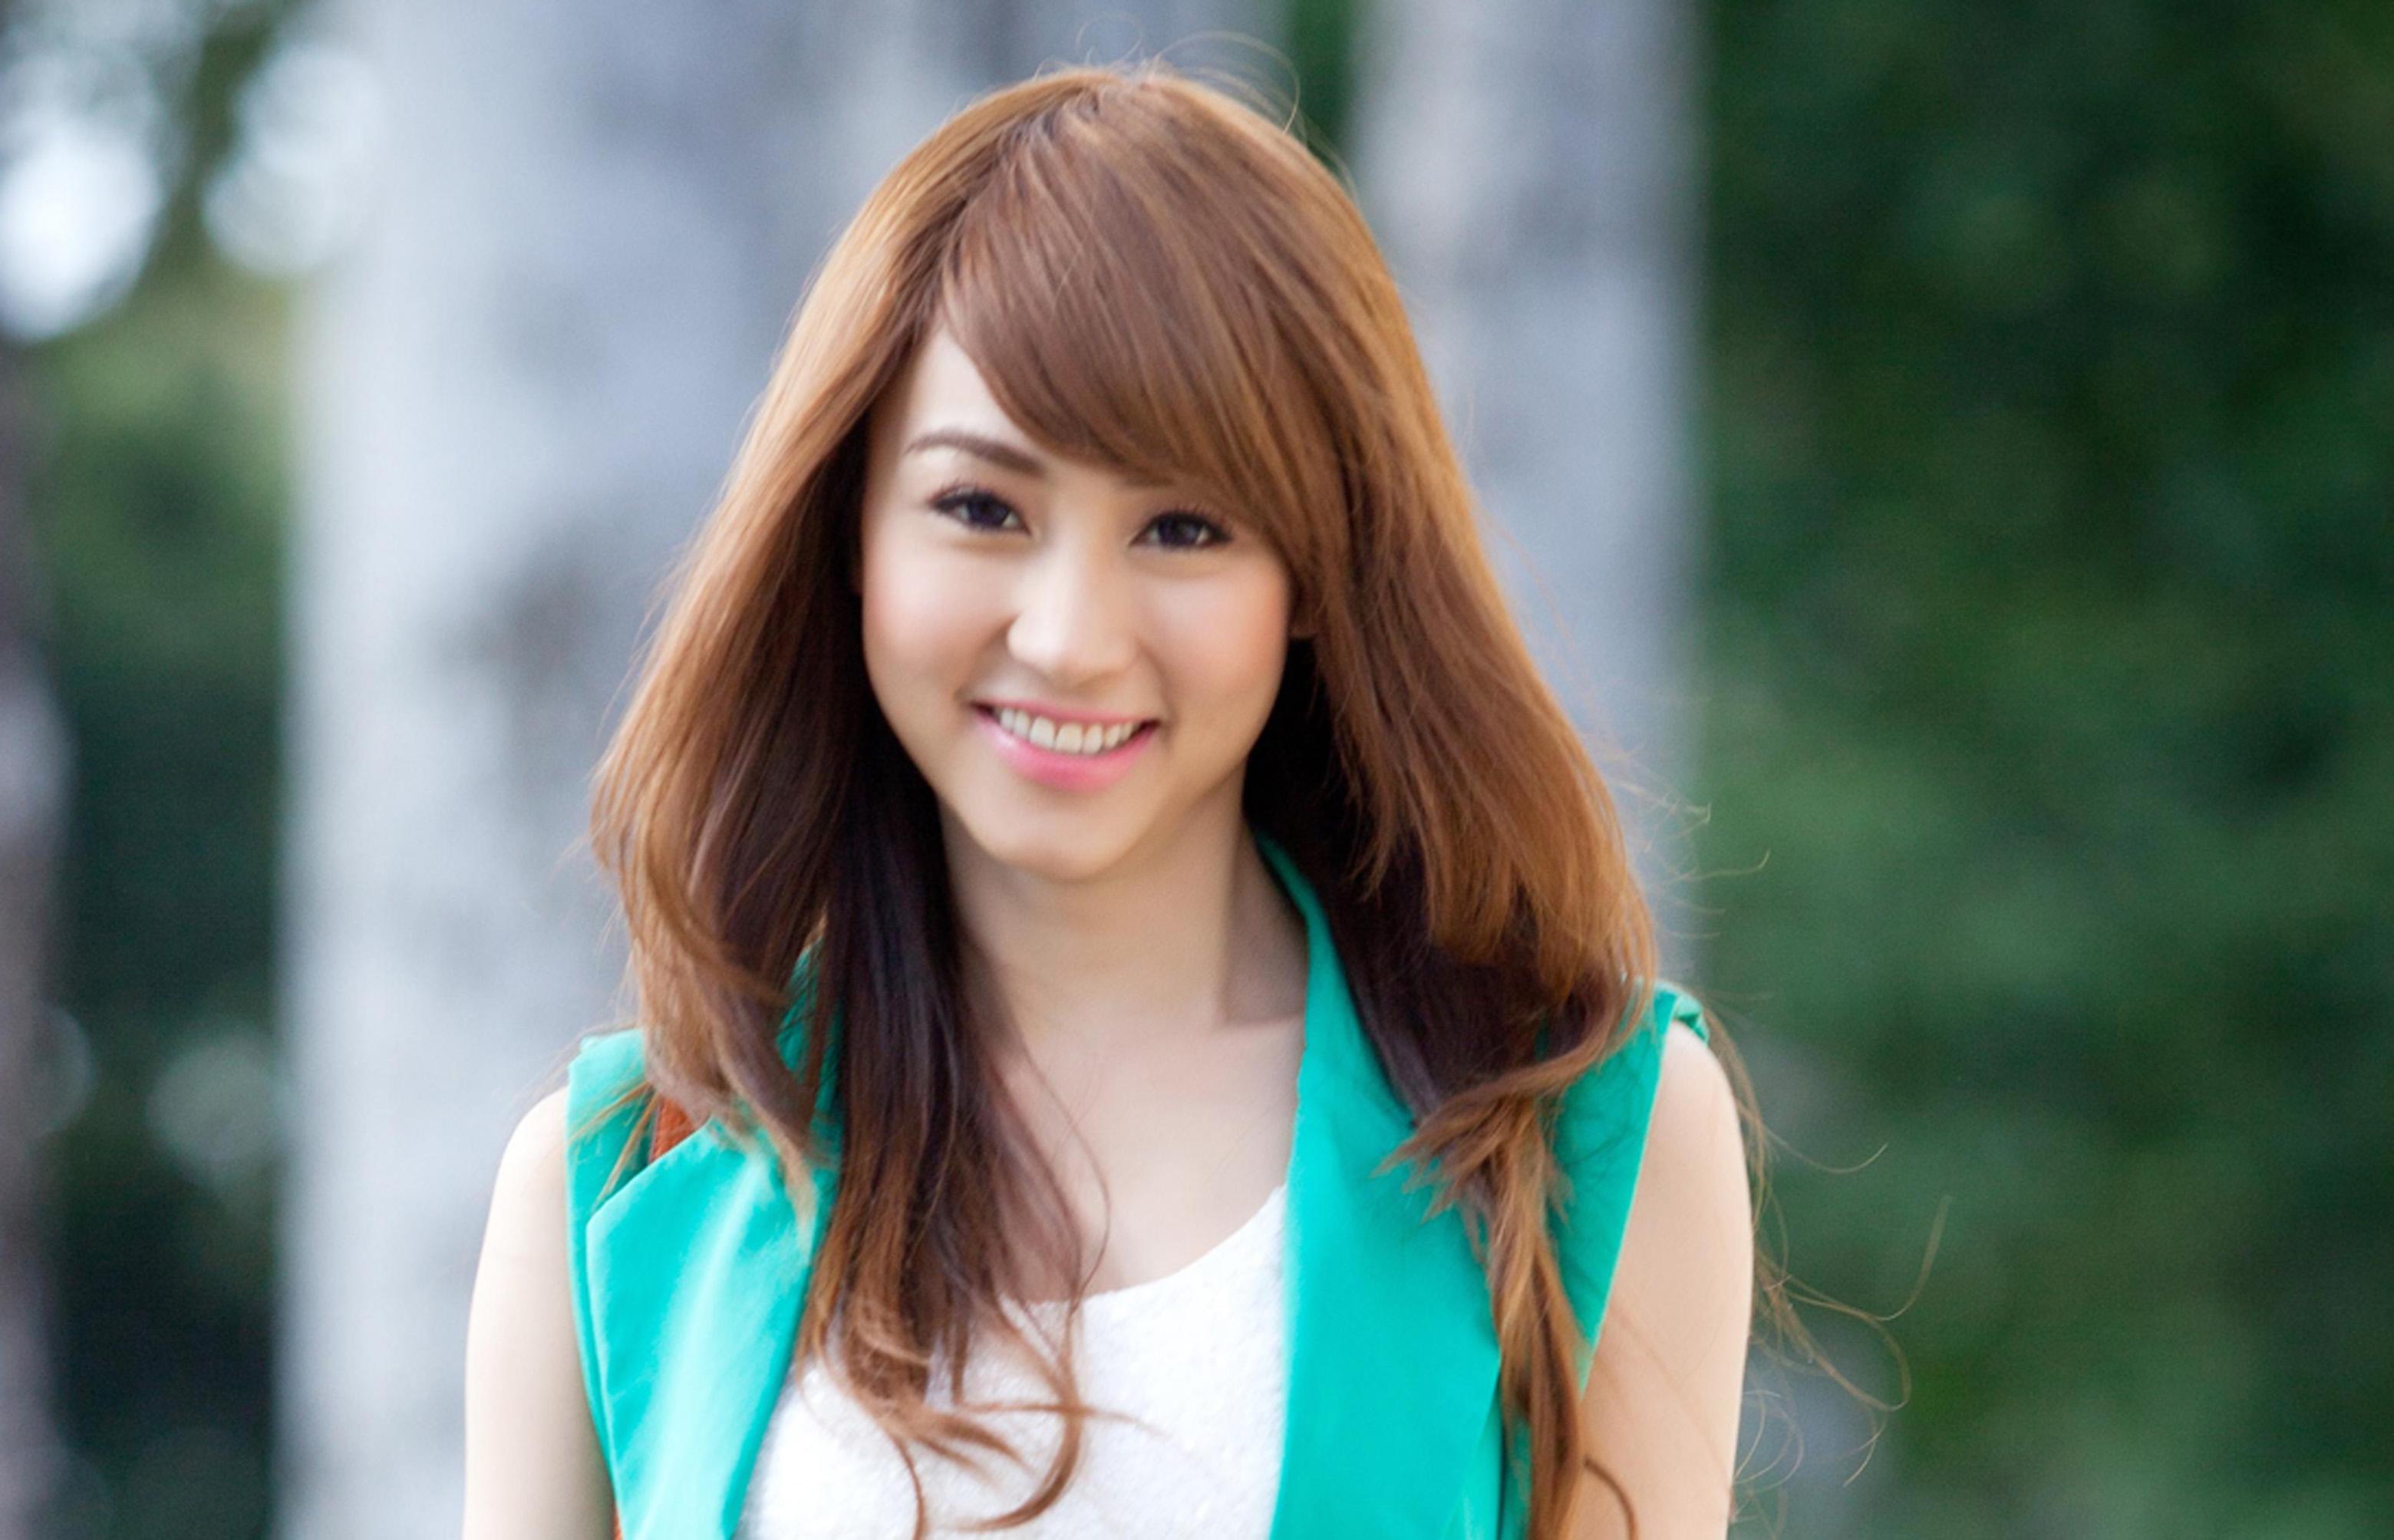 Actress Ngan Khanh - age: 35